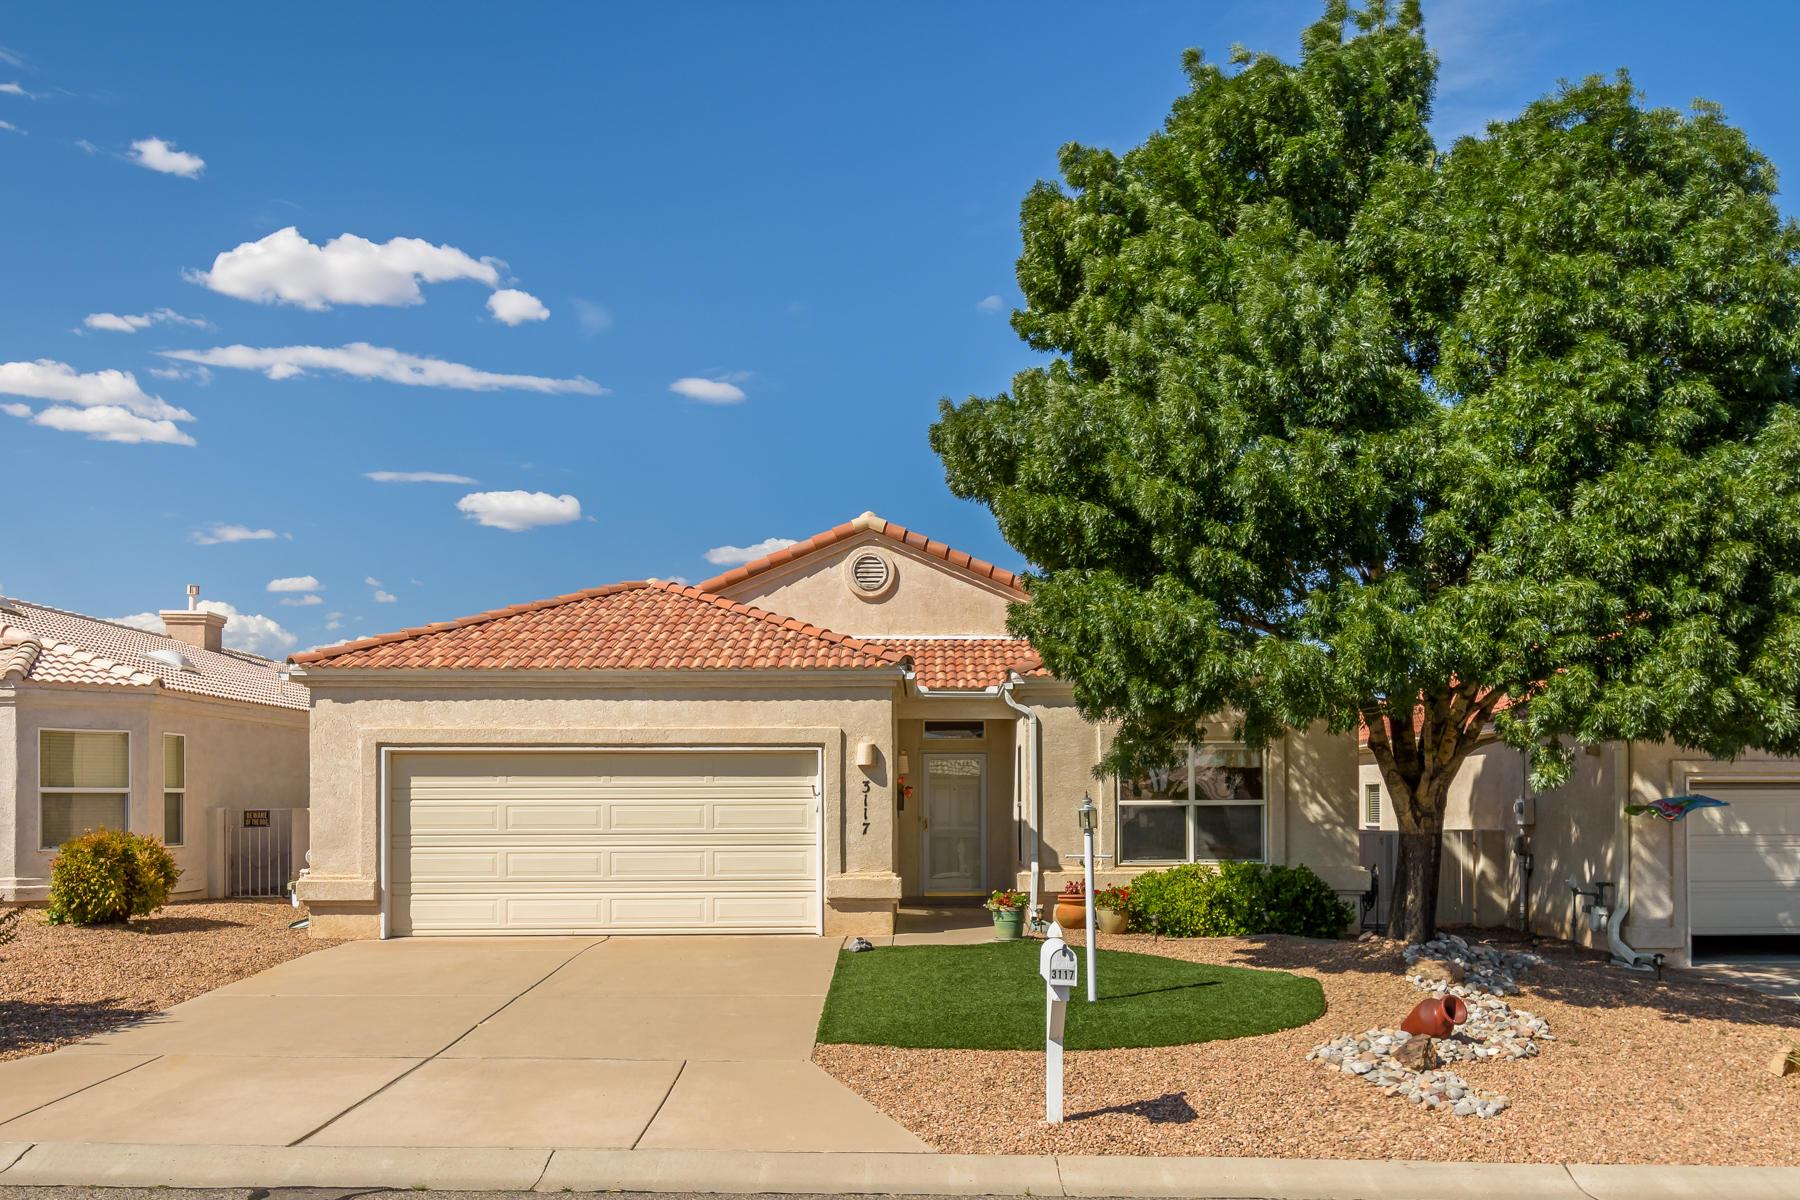 3117 CALLE SUENOS SE Property Photo - Rio Rancho, NM real estate listing